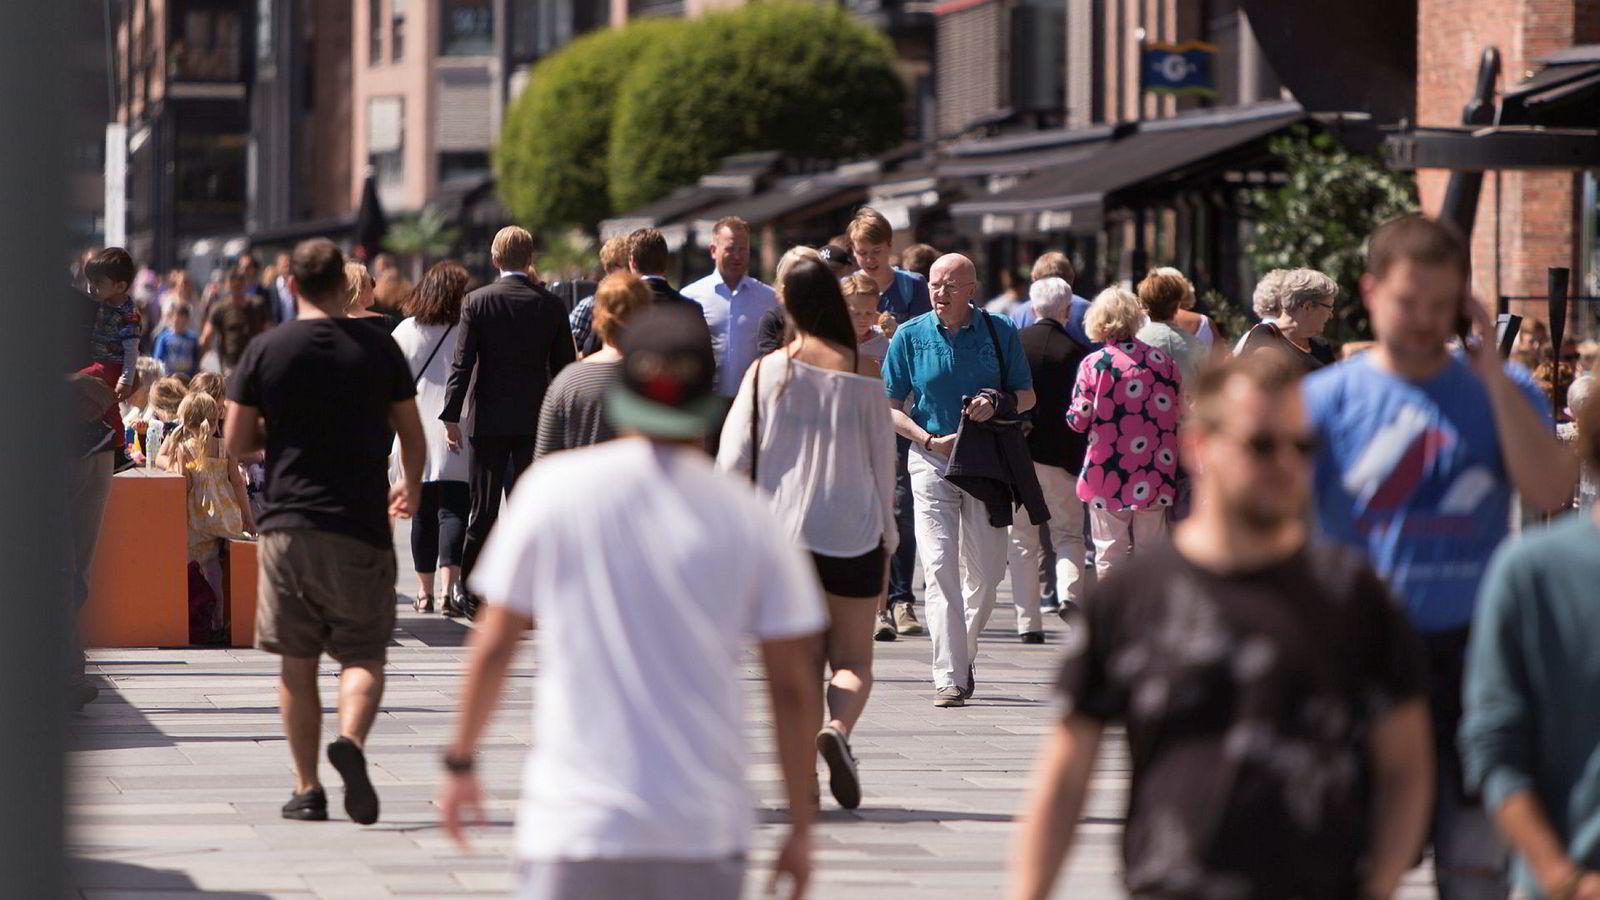 Det er foreløpig vanskelig å finne noen negative konsekvenser av handelskrigen i Norge, ifølge innleggsforfatteren.